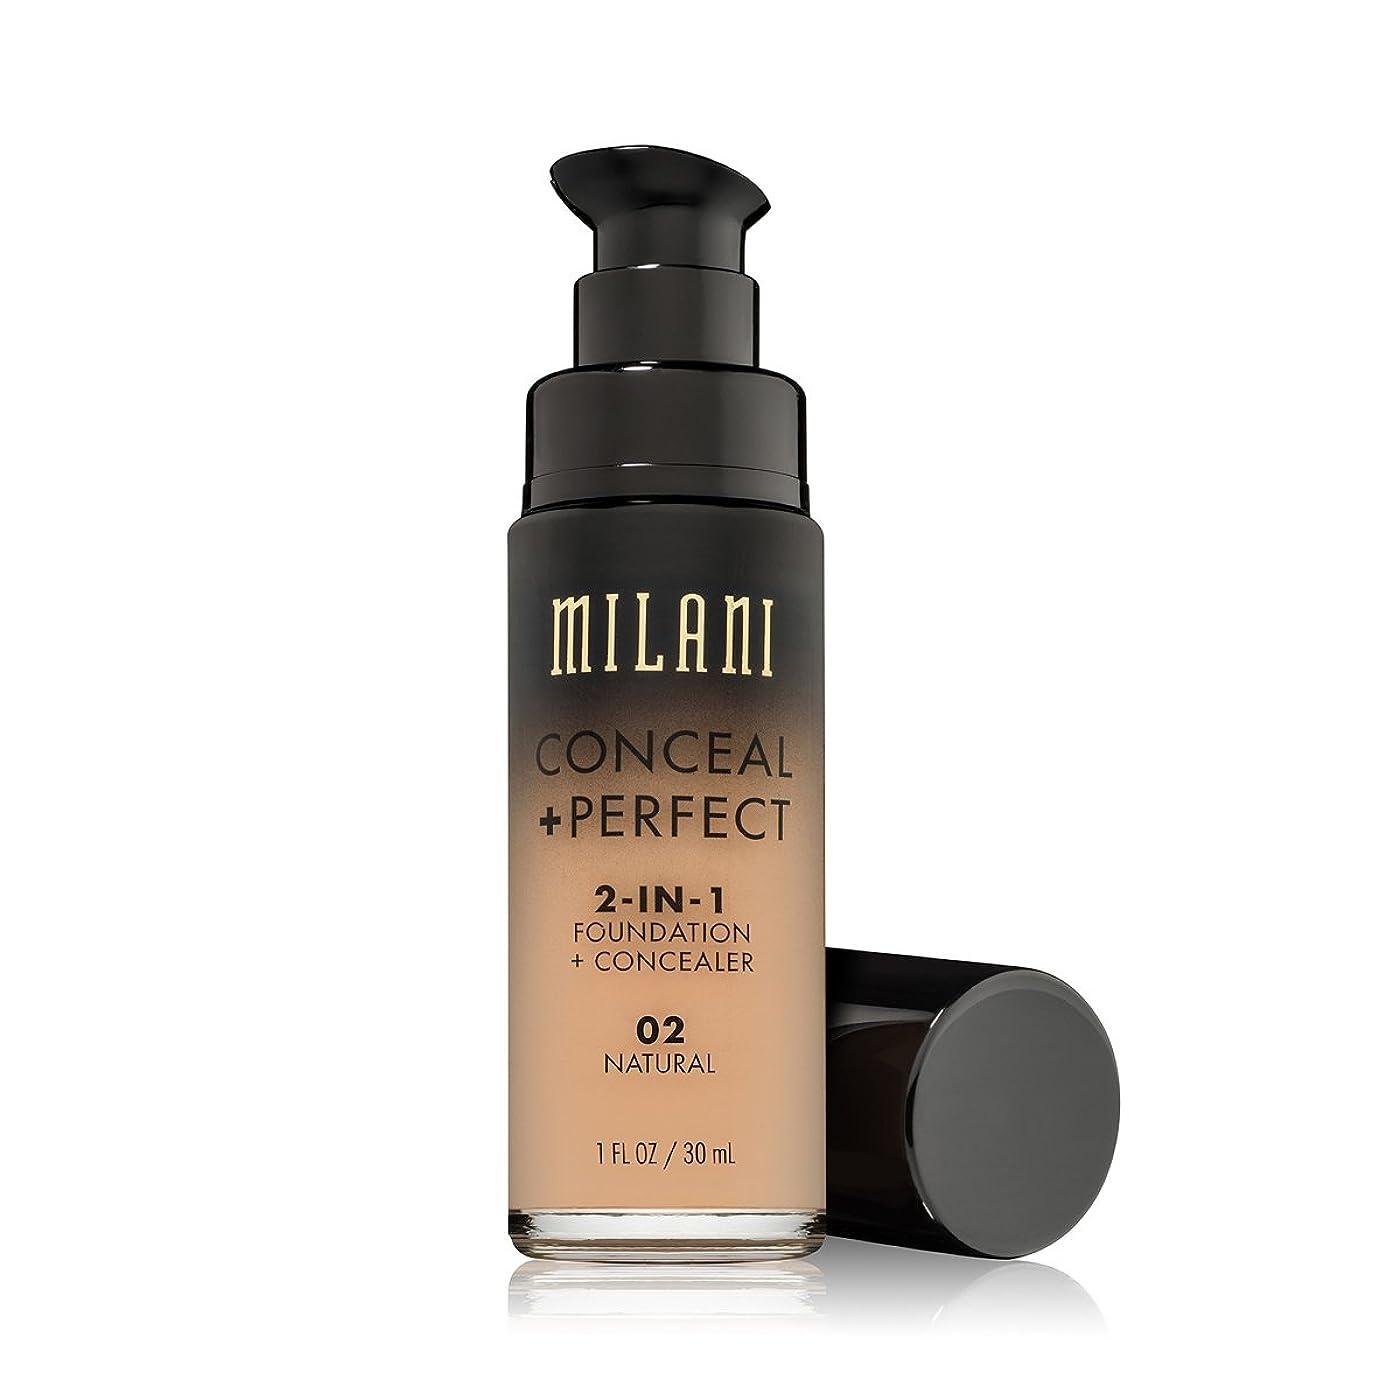 プレミアムフィットネス特徴づけるMILANI Conceal + Perfect 2-In-1 Foundation + Concealer - Natural (並行輸入品)